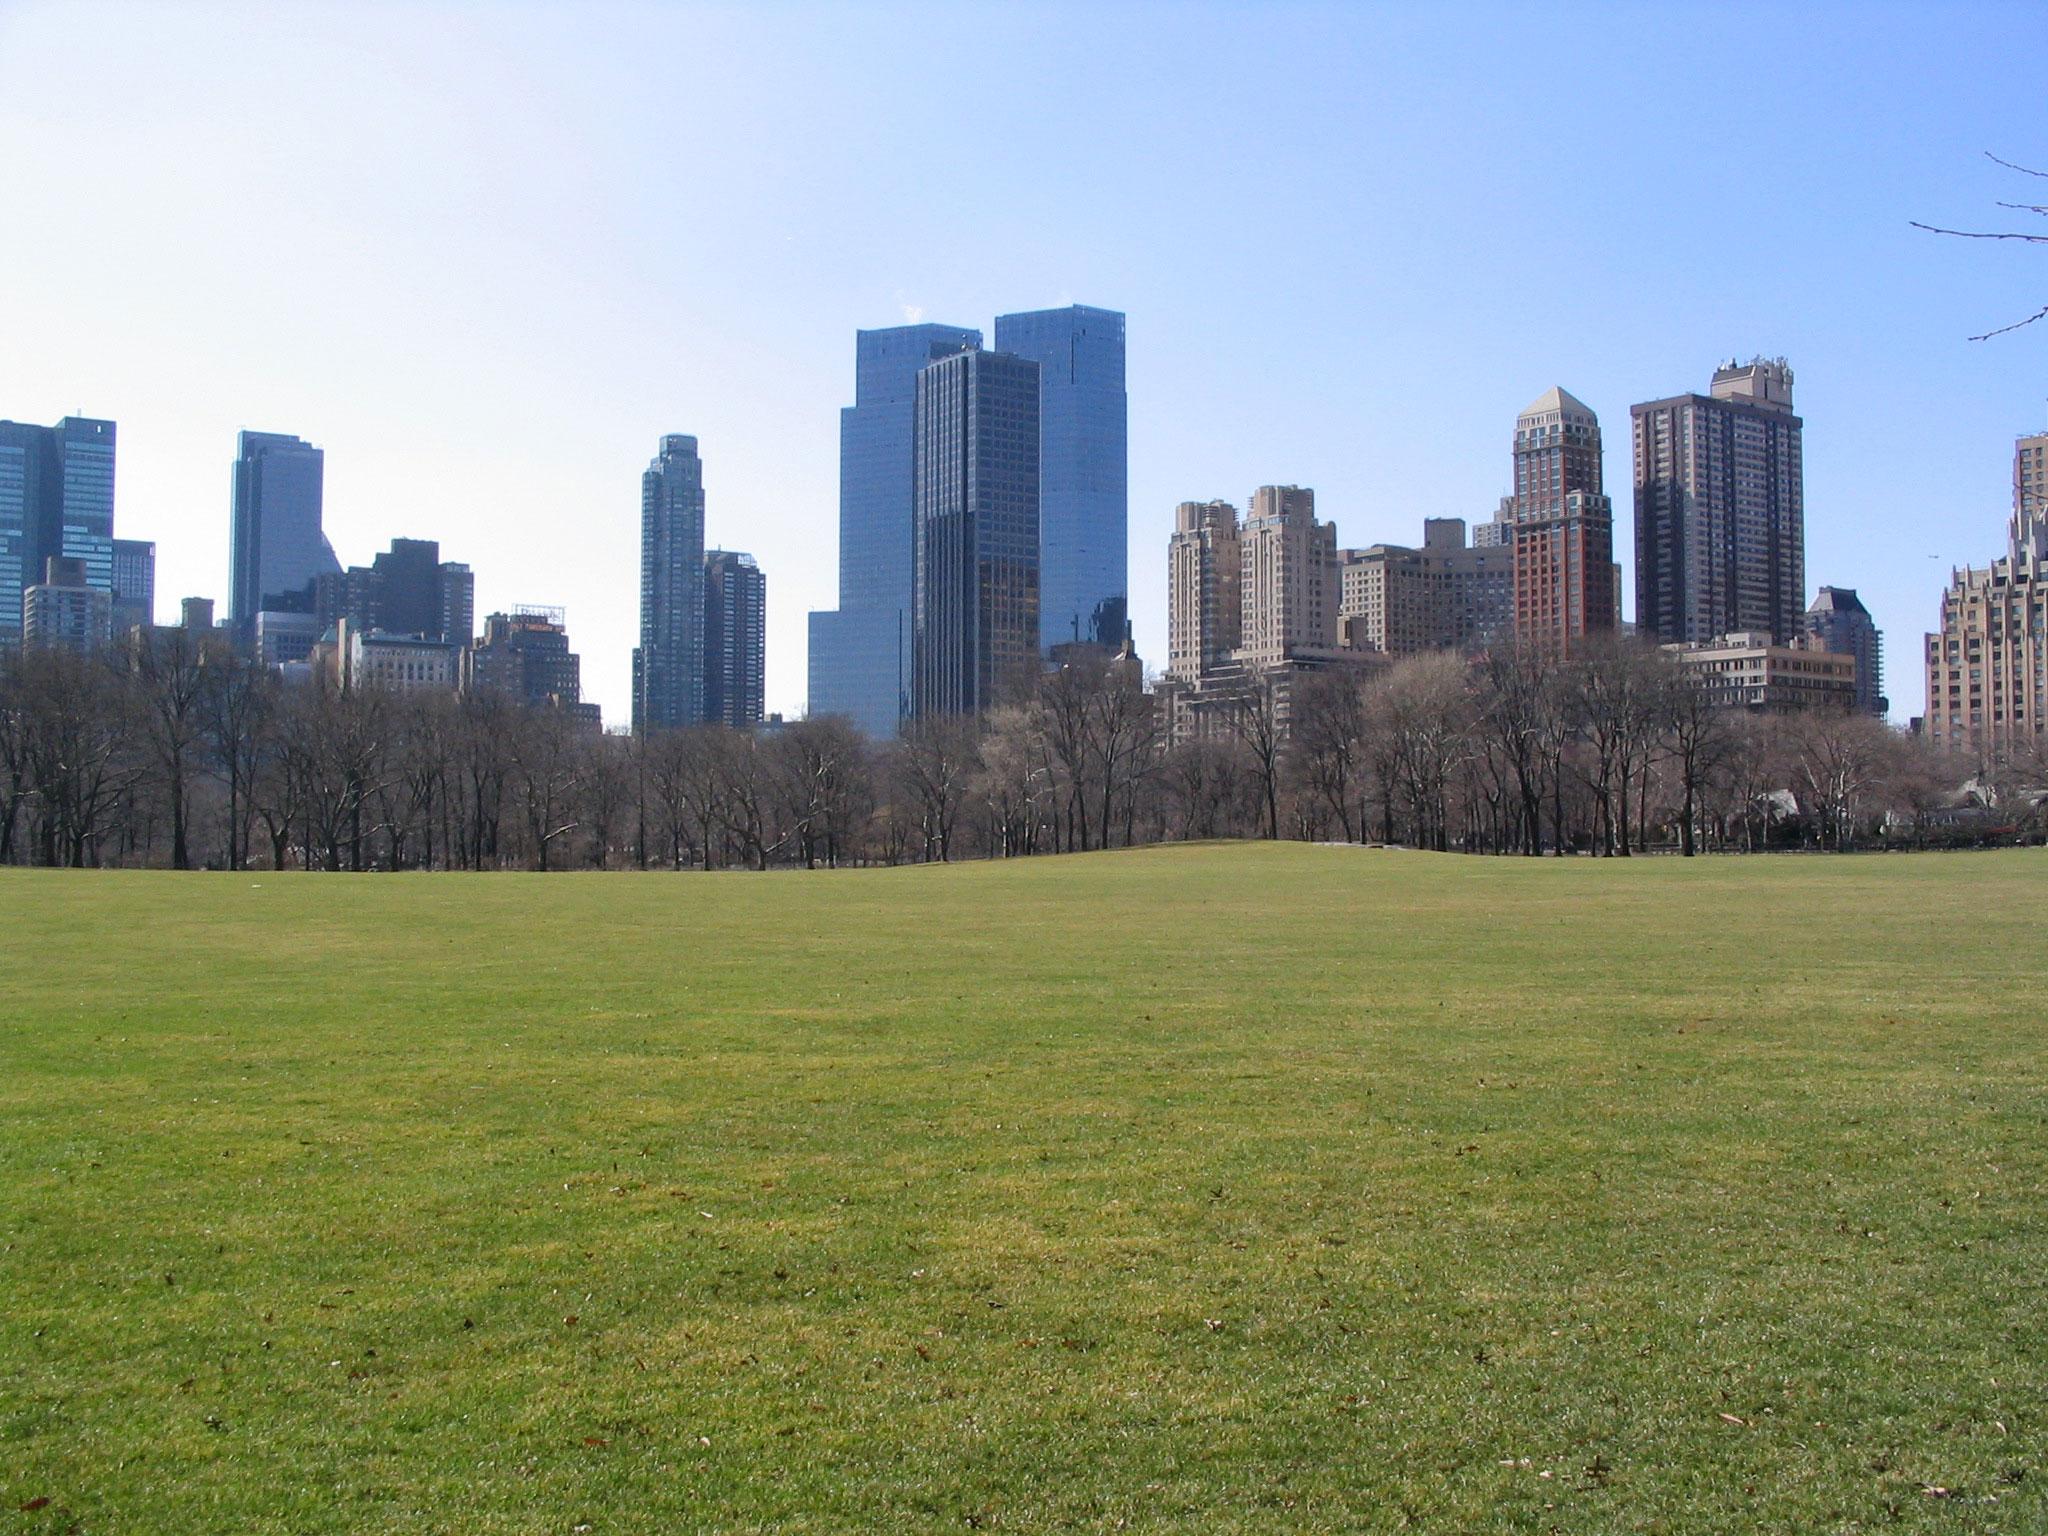 Image : http://www.zqcentral.com/downloads/newyork/skyline1.jpg